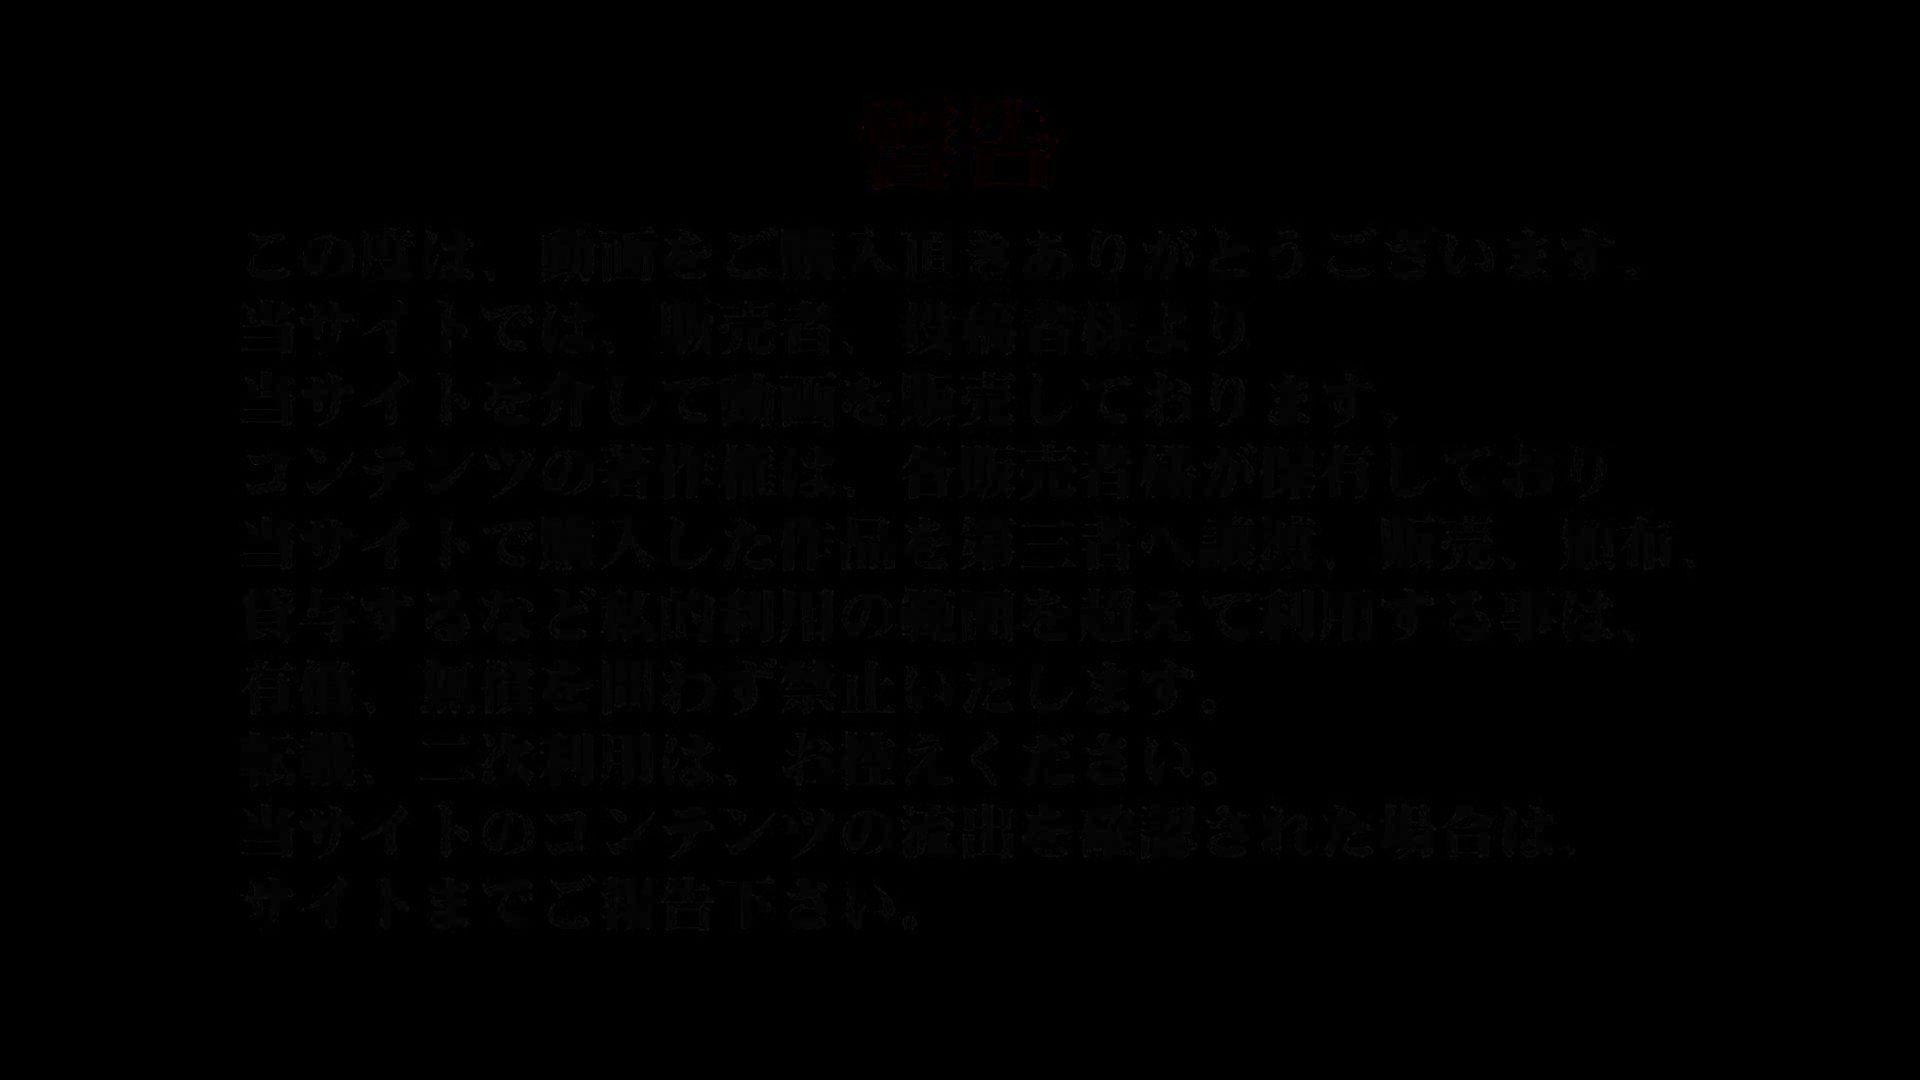 魂のかわや盗撮62連発! 激ヤバ上靴嬢15 59発目! 盗撮大放出 おめこ無修正動画無料 52連発 26